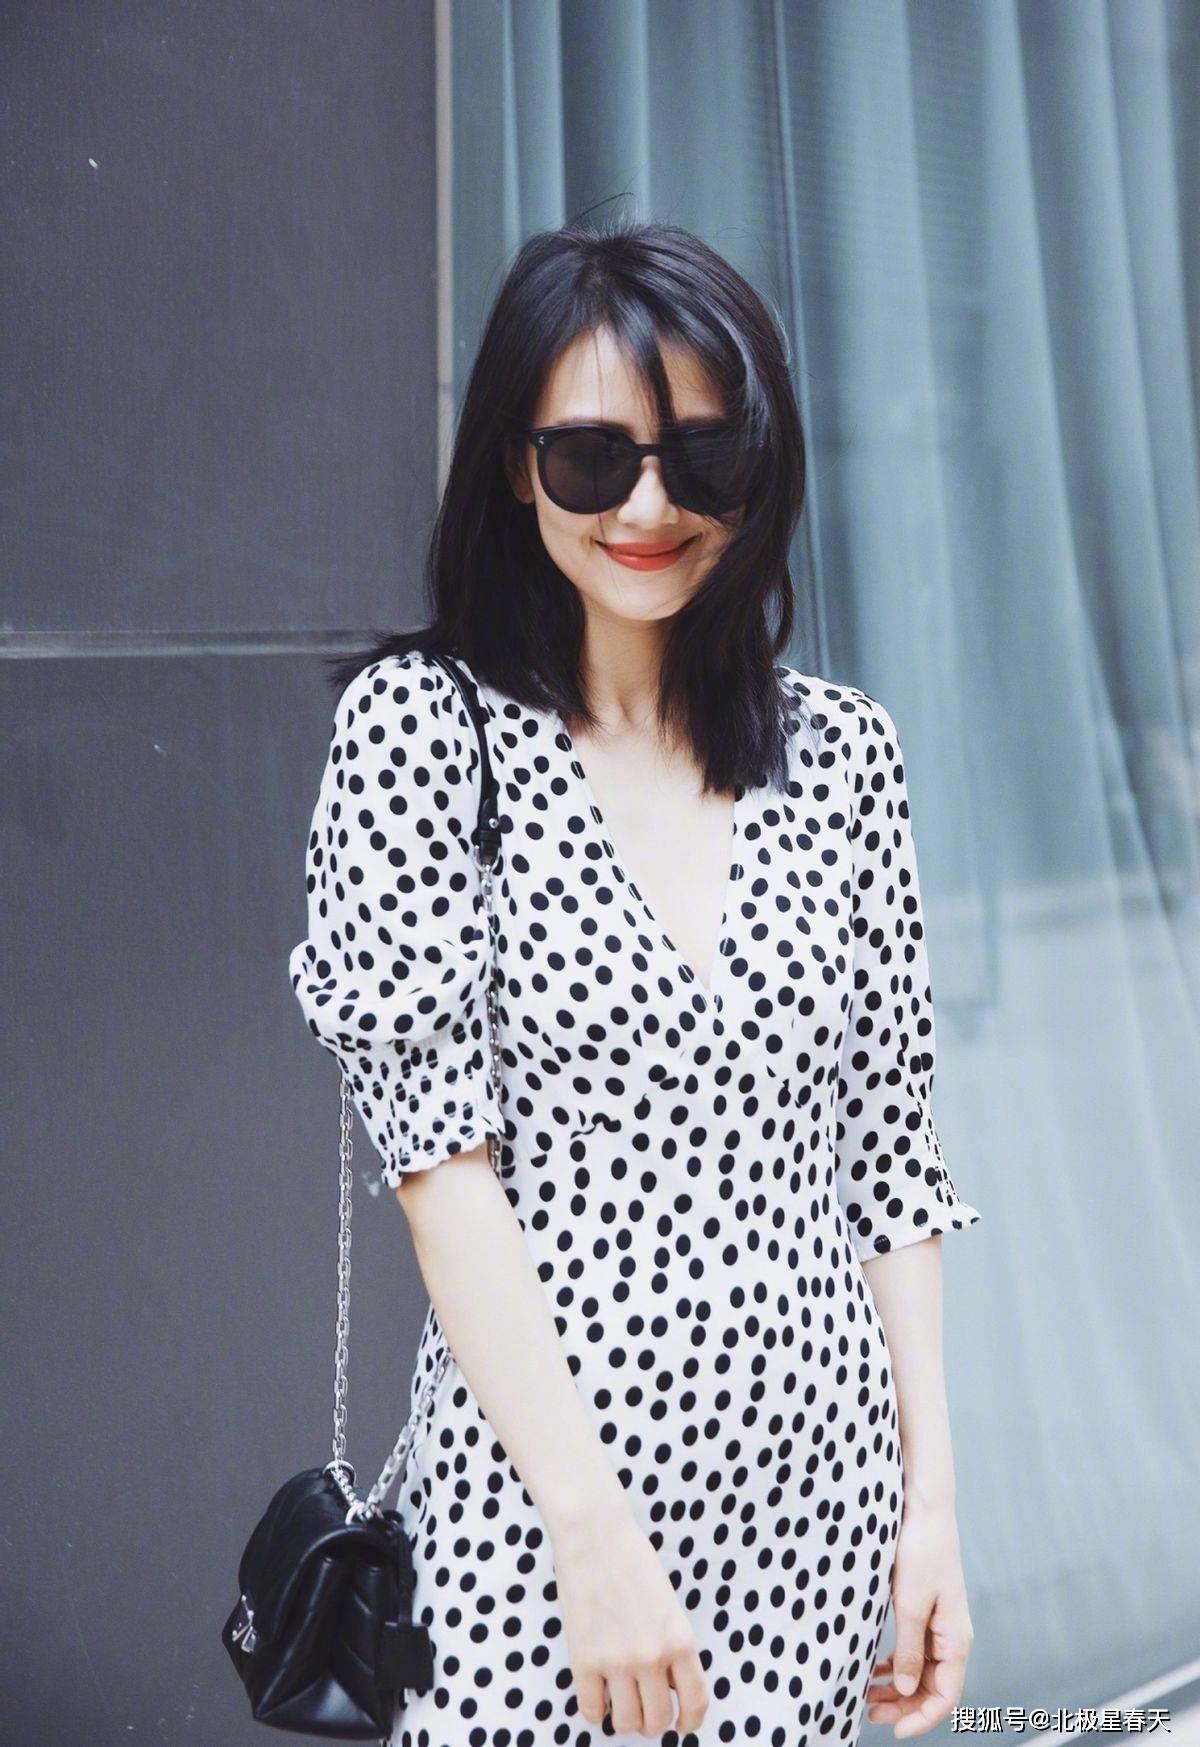 高圆圆真不适合大油田,配黑白露肩裙,增添了年龄感少了清纯感